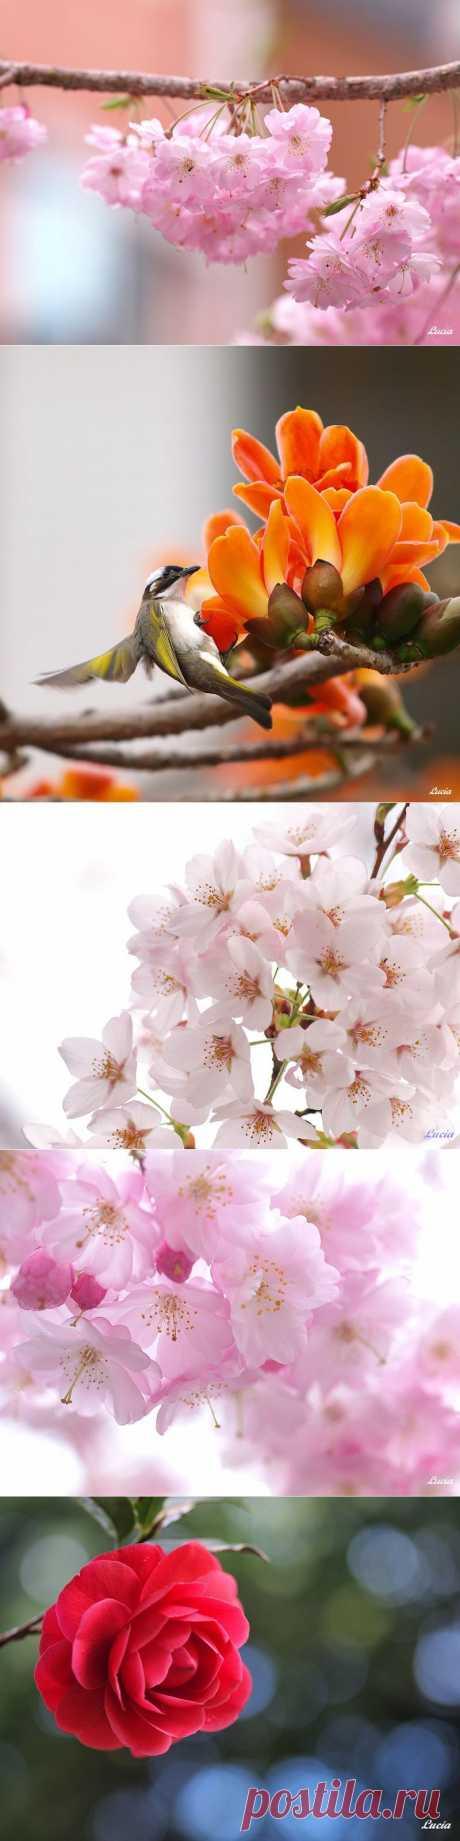 Красивые фотографии птиц и весенних цветов от тайваньского фотографа Lucia Lin   Newpix.ru - позитивный интернет-журнал